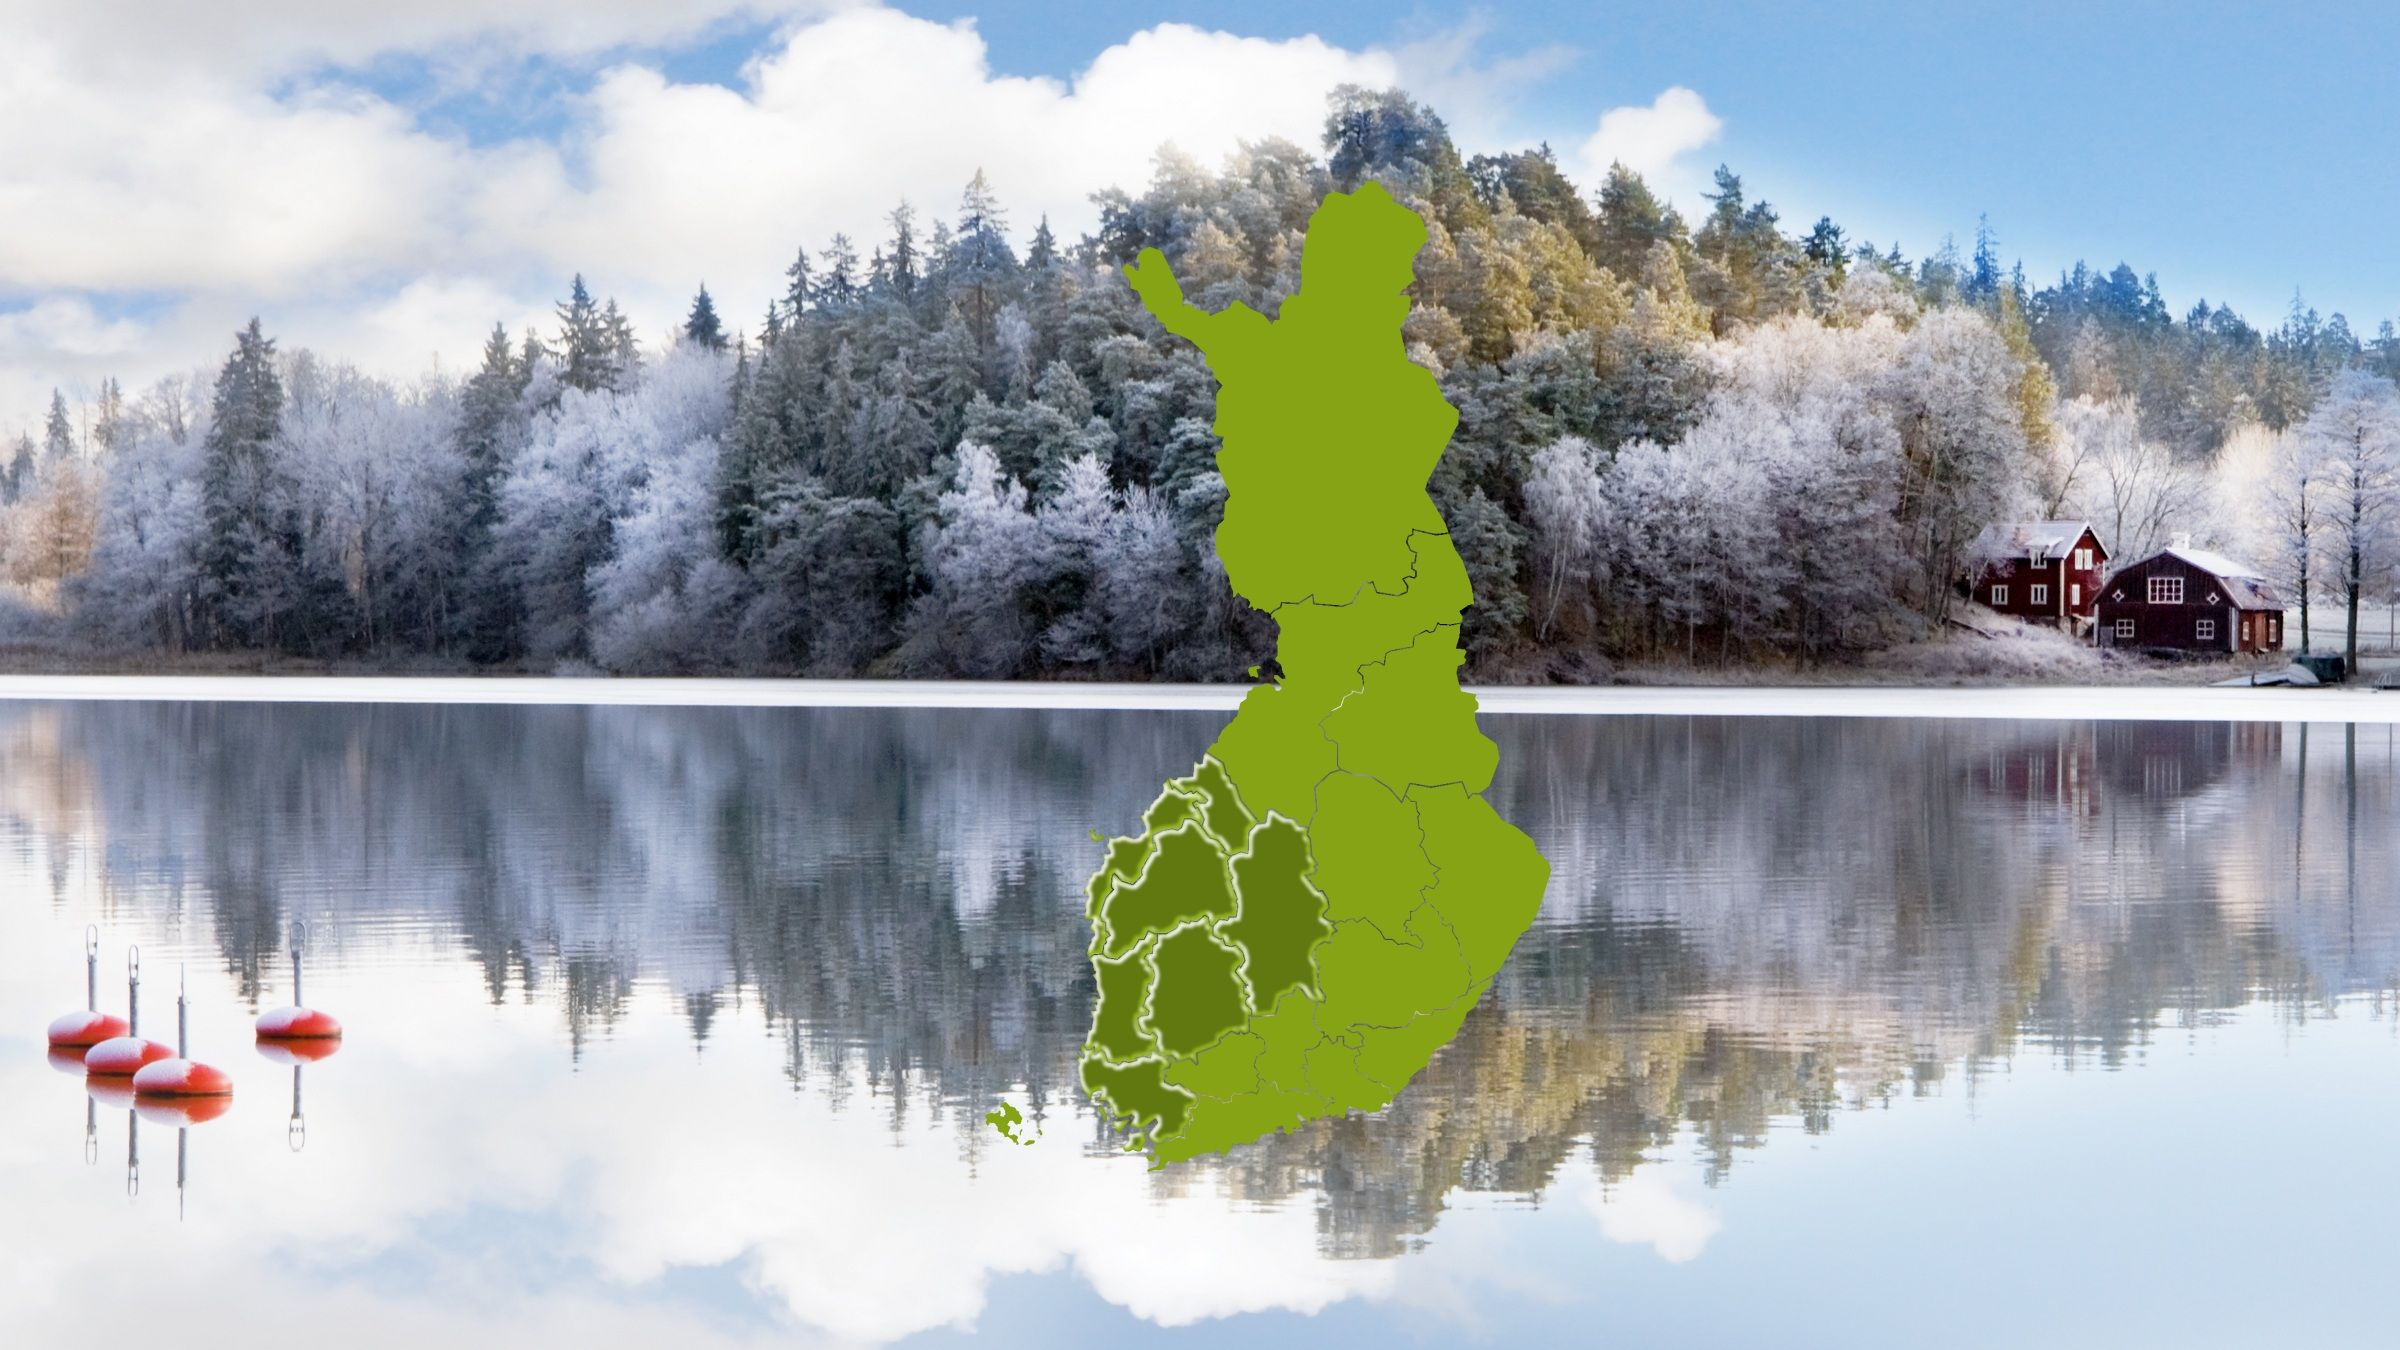 Vuokramökit - Länsi-Suomi  #iMokki #MökitLänsi-Suomi